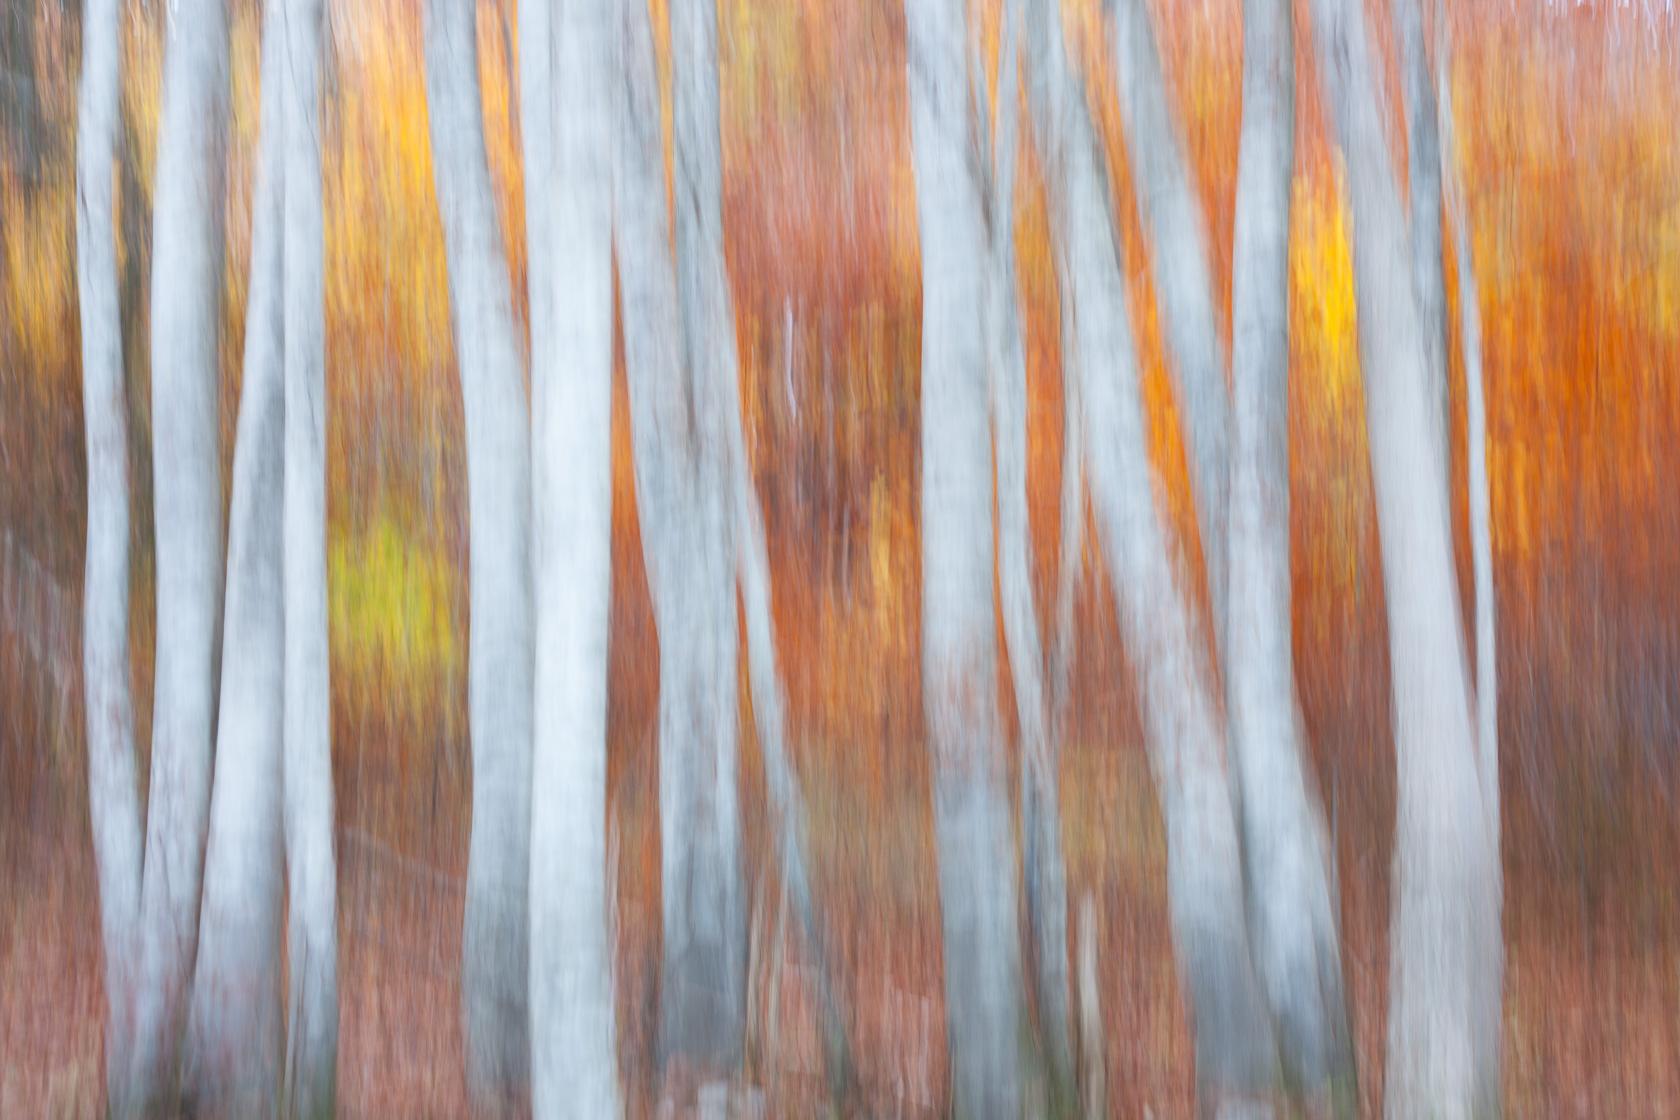 forêt de hêtre (Fagus sylvatica) en automne, dans les Bauges